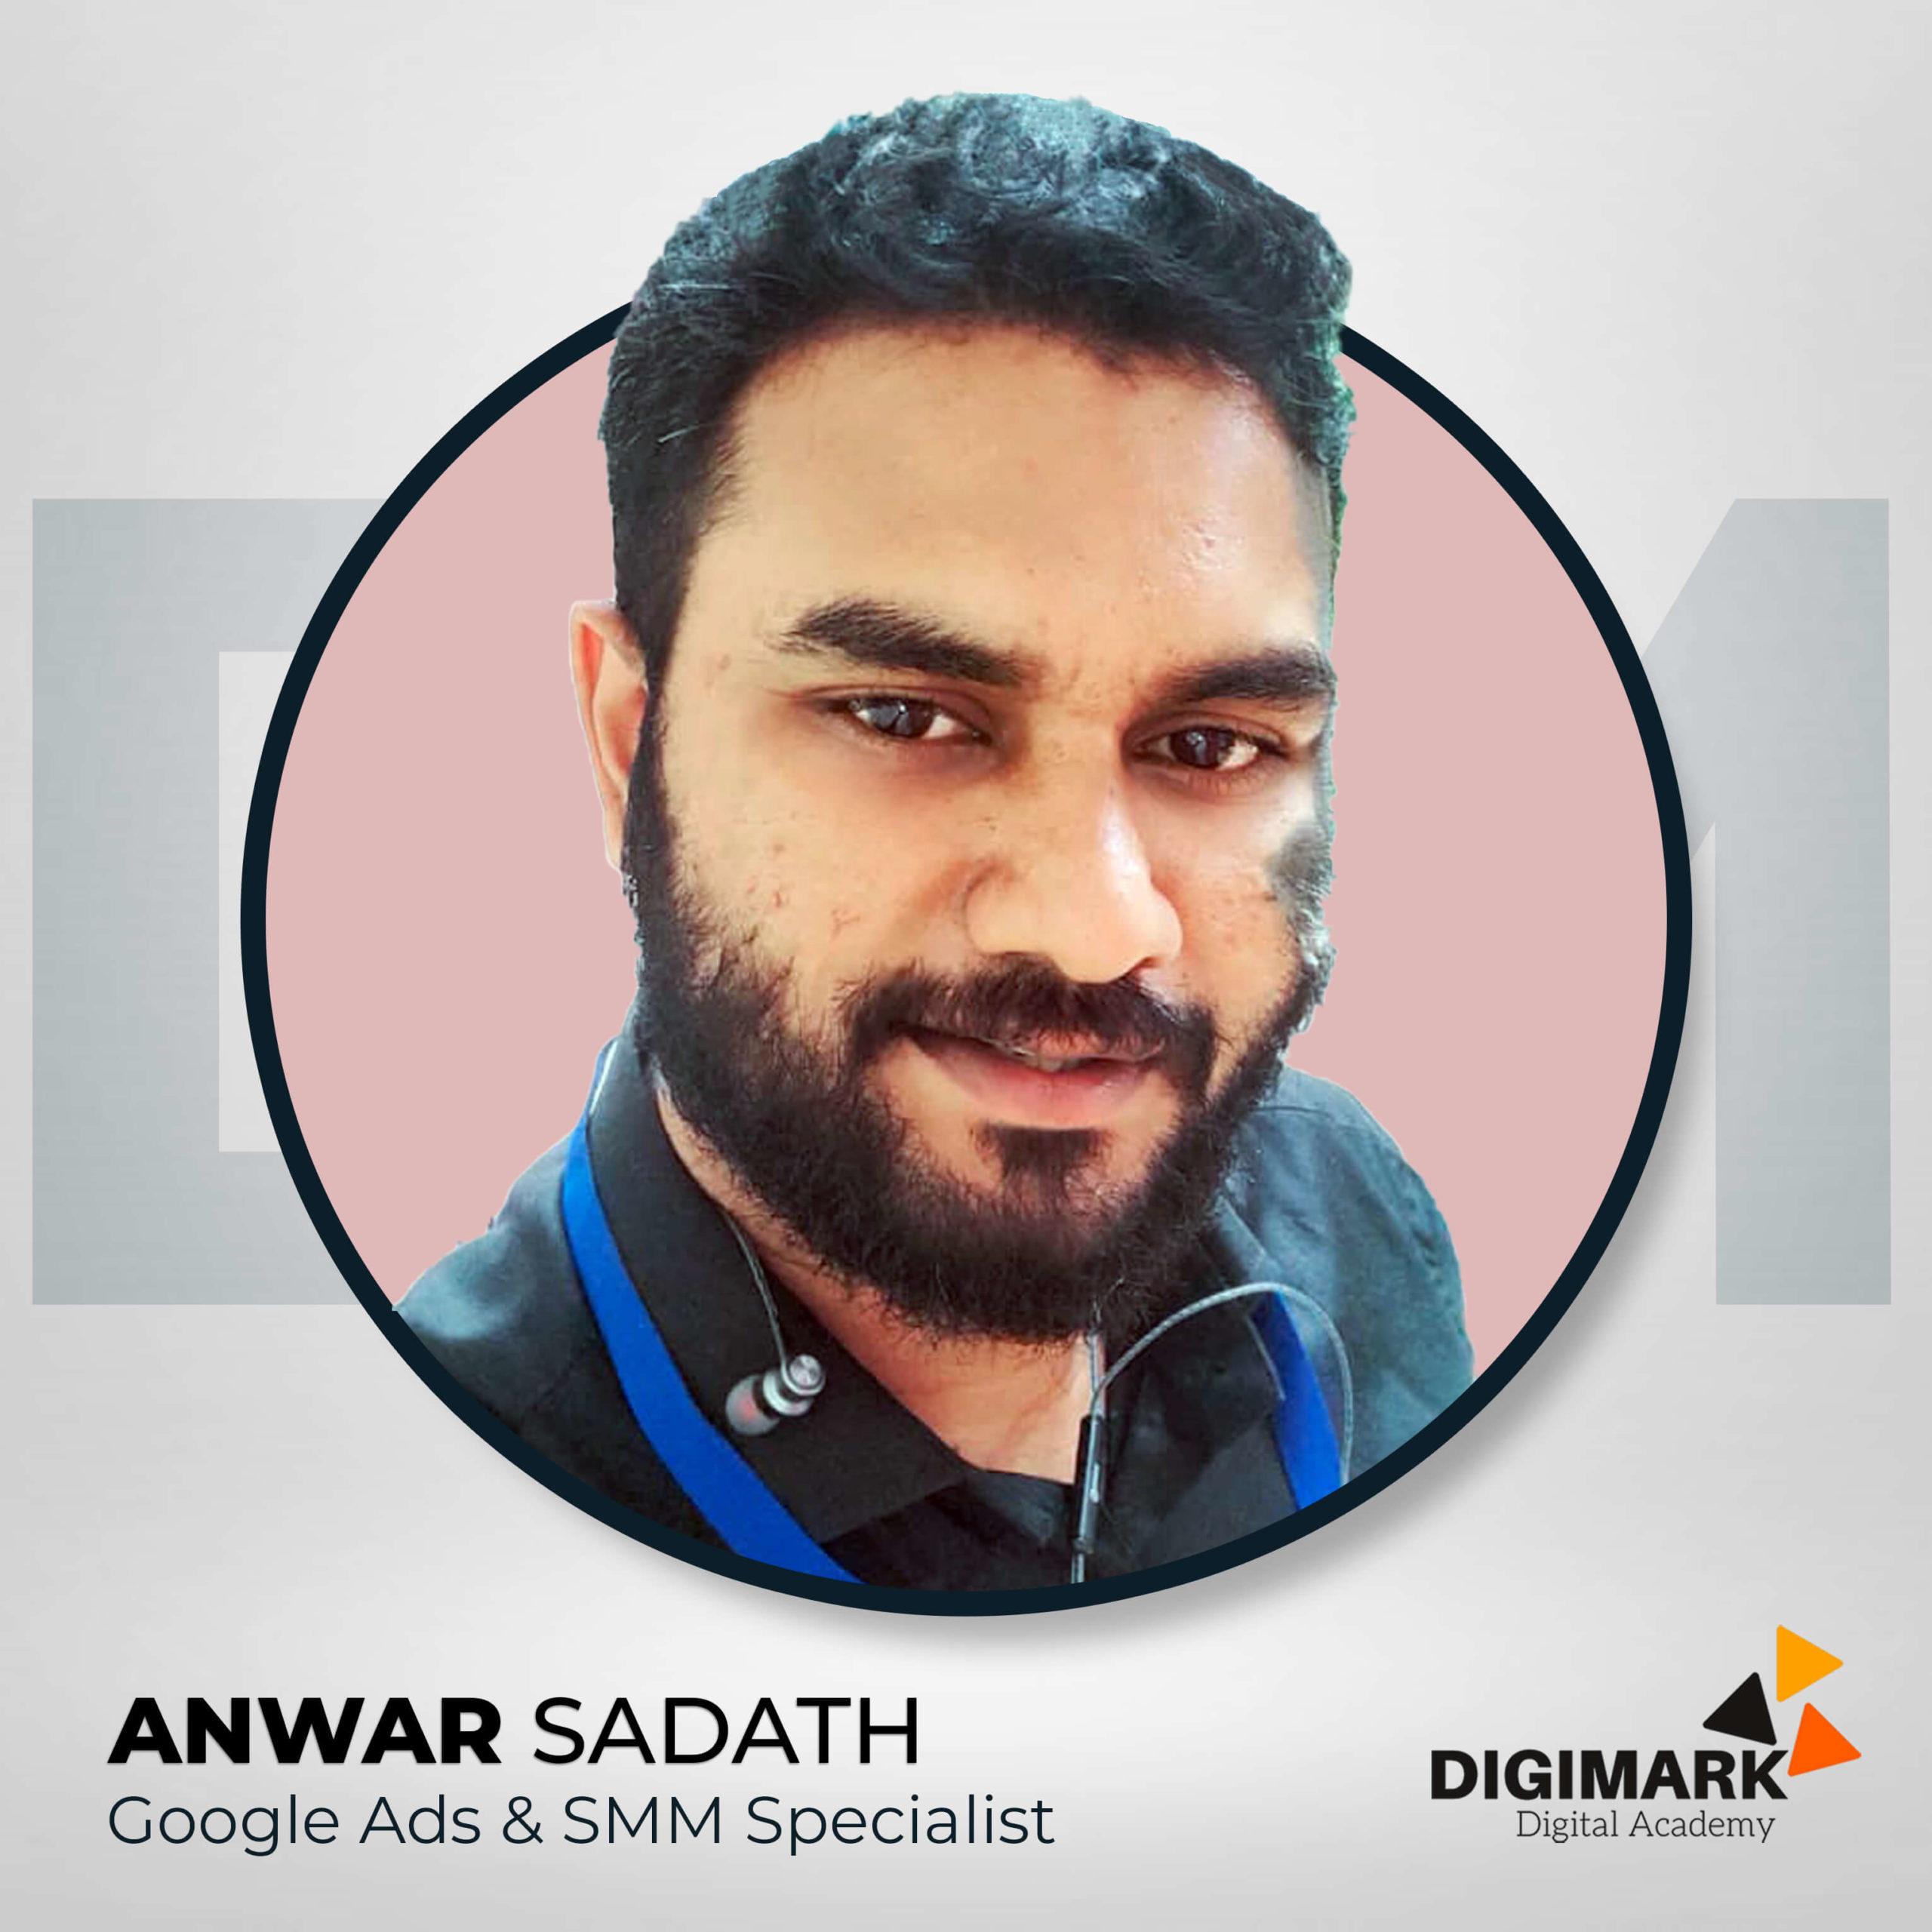 Anwar-Sadath-digimark-academy